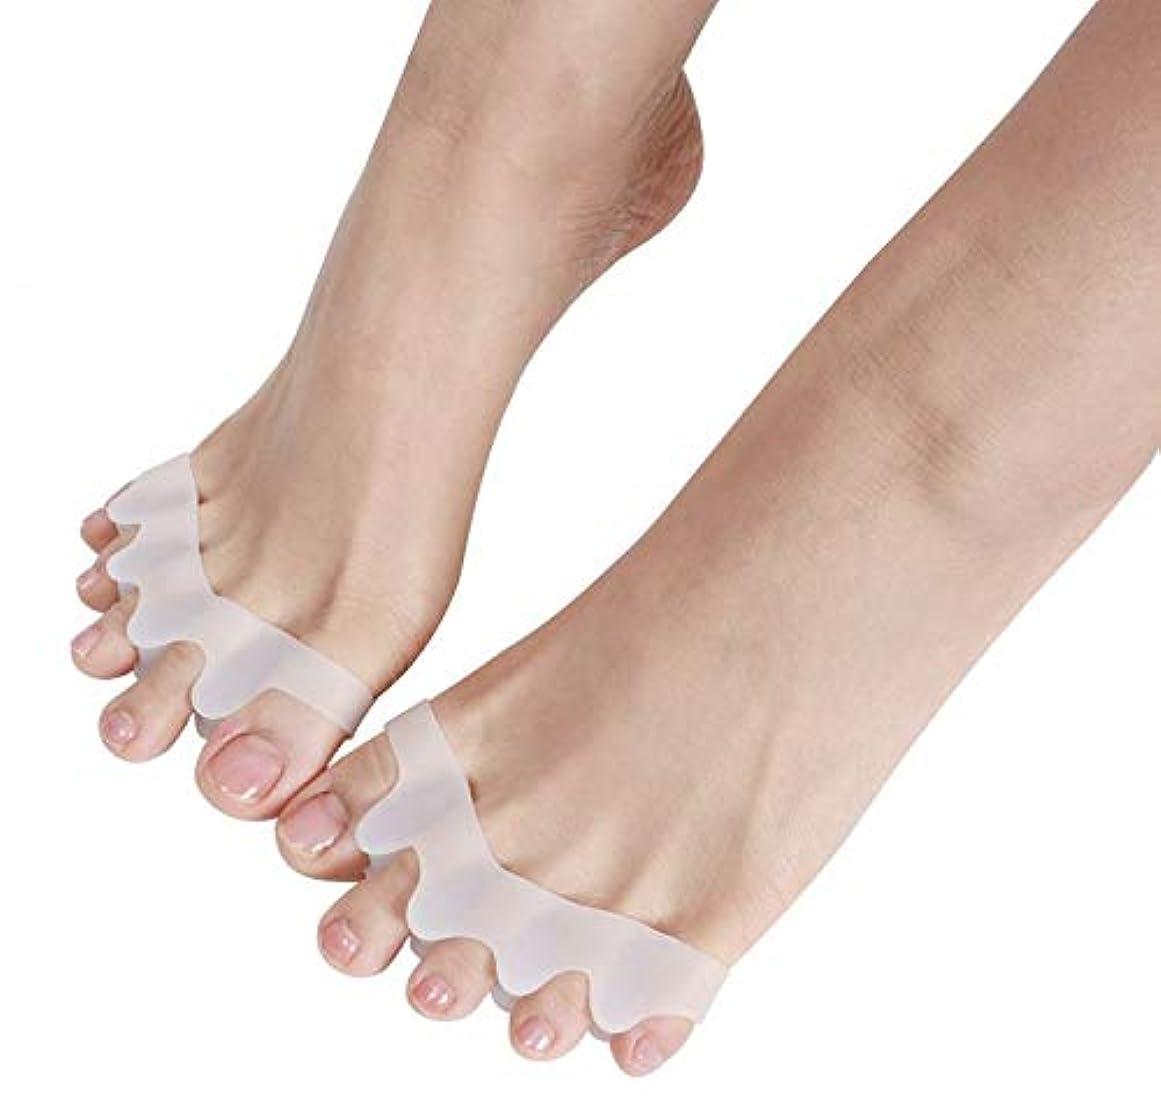 lucrubun 足の痛みの対策 ちゃんとしてますか。 足指矯正パッド 外反母趾 足のゆがみ 男女性兼用 シリコンサポーター 両足セット 足の痛み対策に 足指矯正シリコンサポーター 外反母趾の矯正にも効果的 男女兼用 洗...